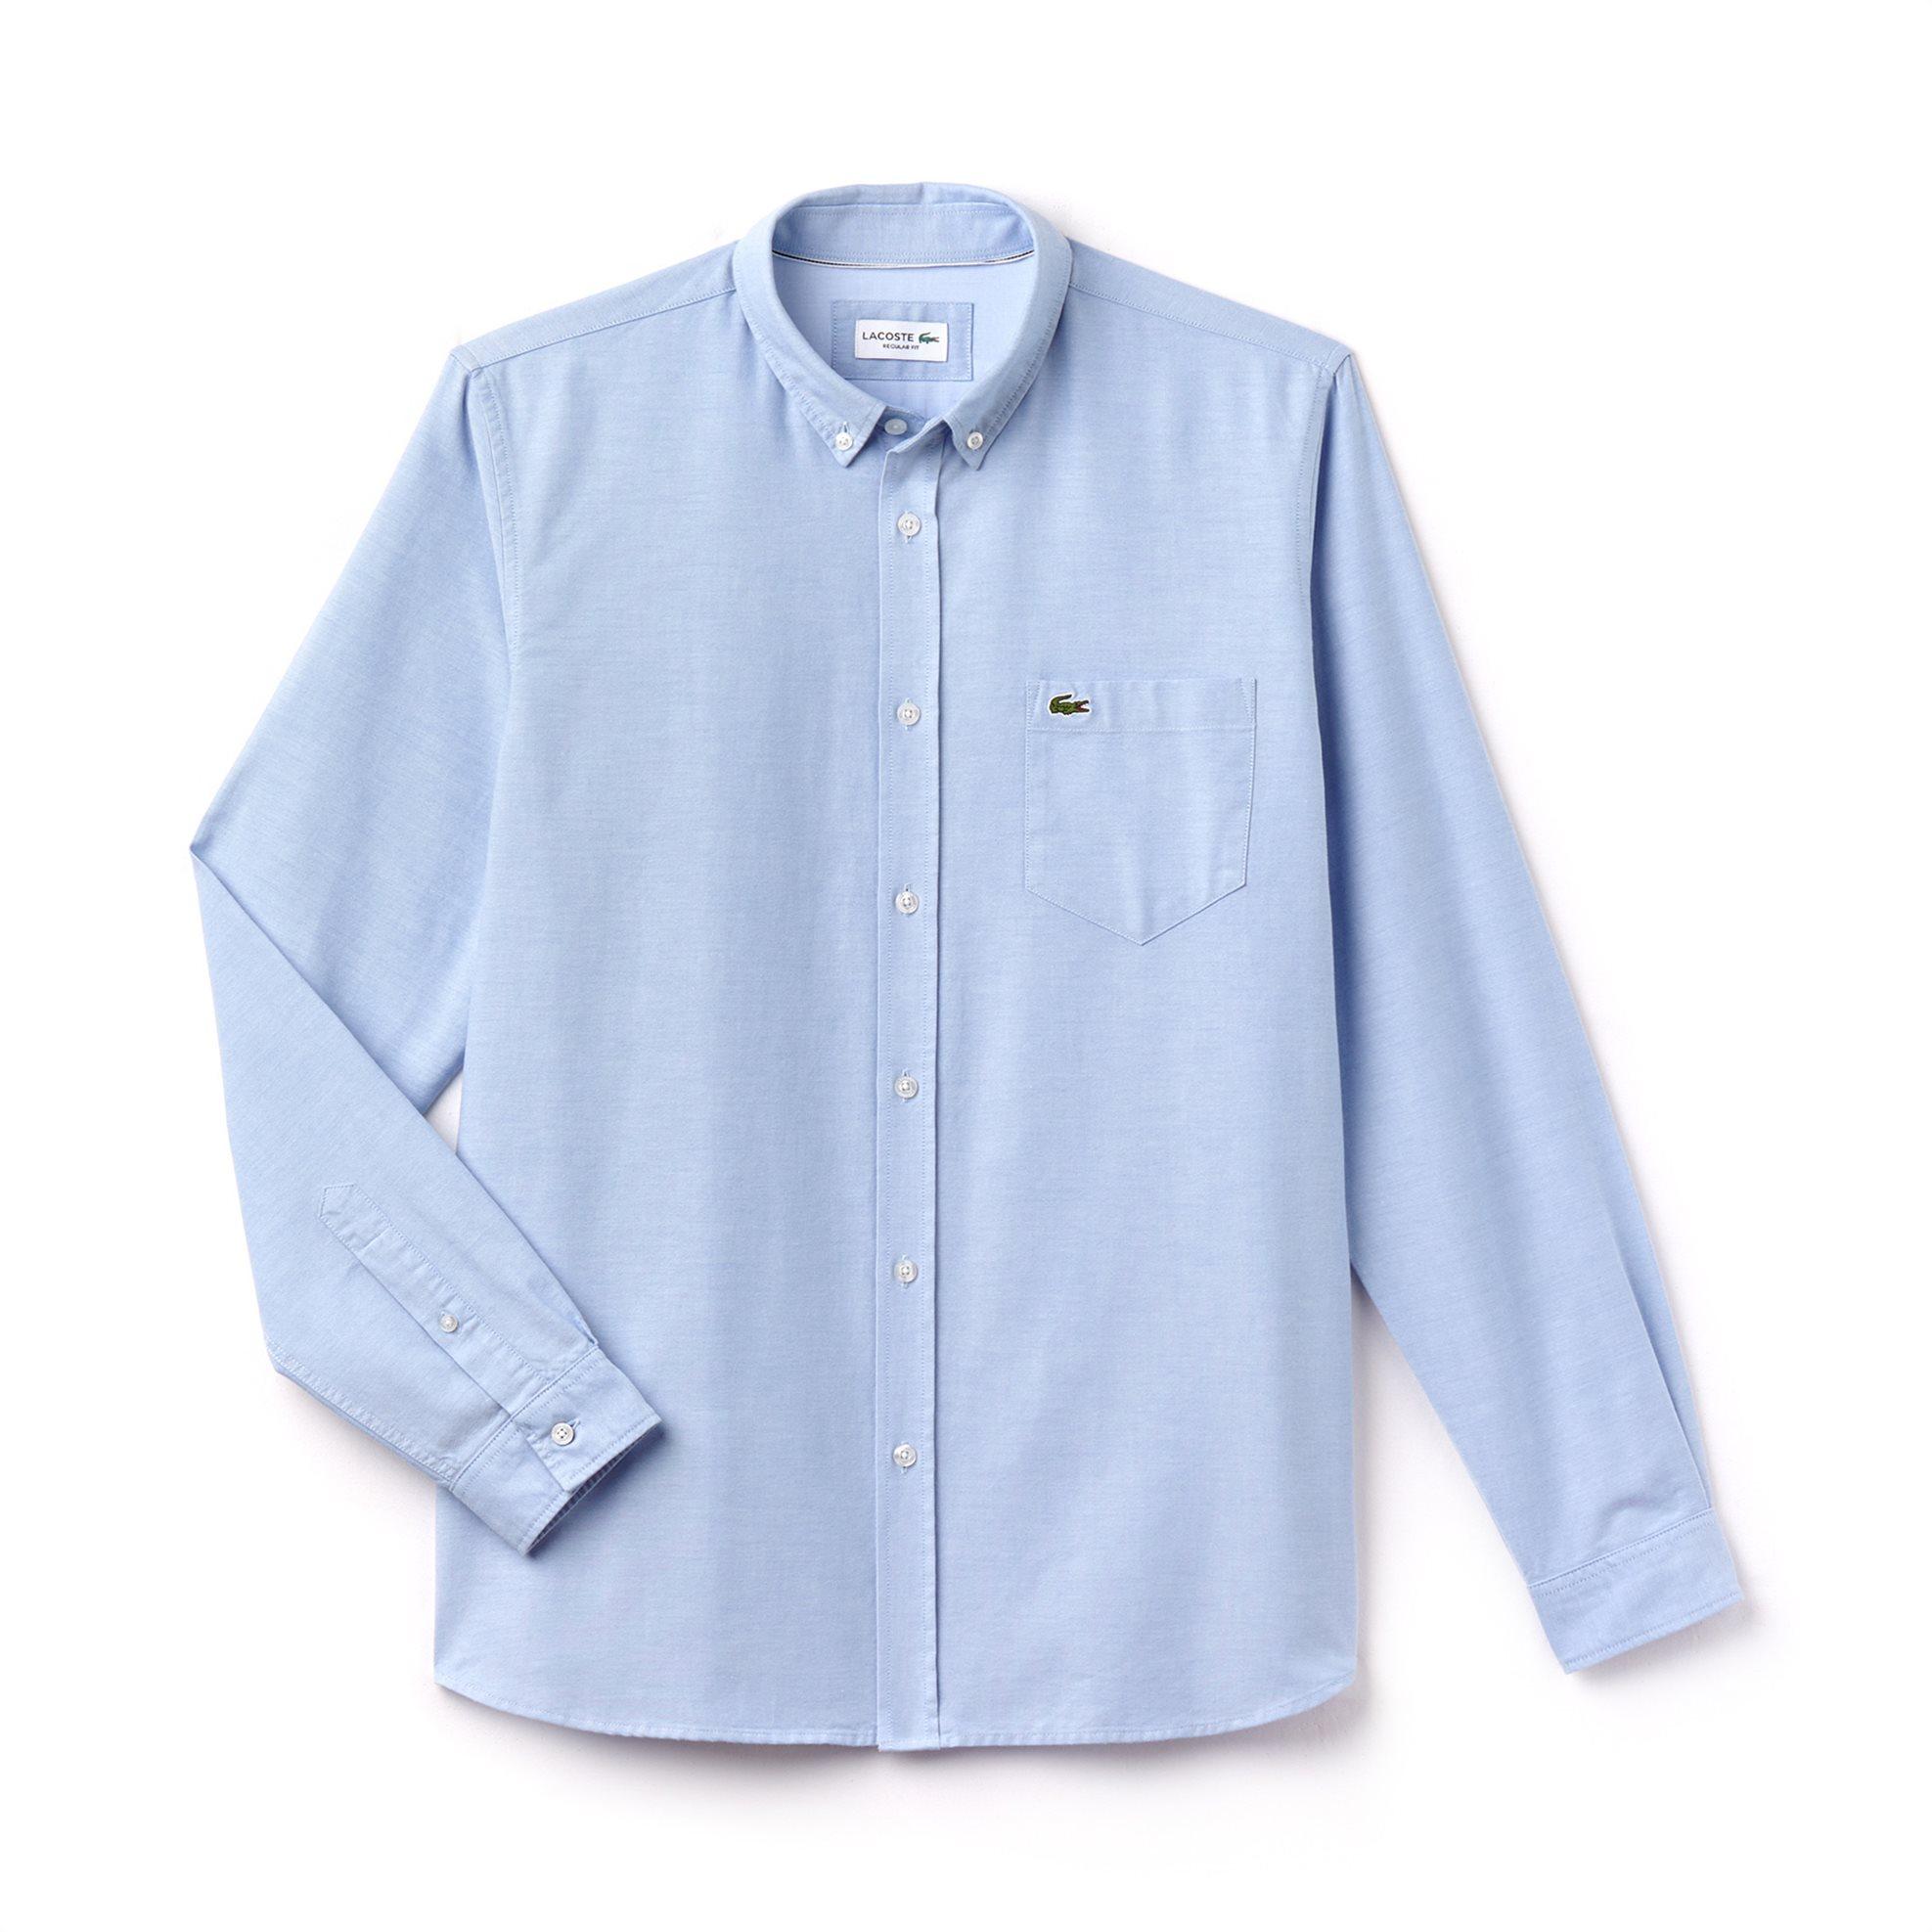 Ανδρικό πουκάμισο μονόχρωμο Spring Bloom Lacoste - CH4976 - Ανοιχτό Γαλάζιο ανδρασ   ρουχα   πουκάμισα   casual   επίσημα   βραδυνά